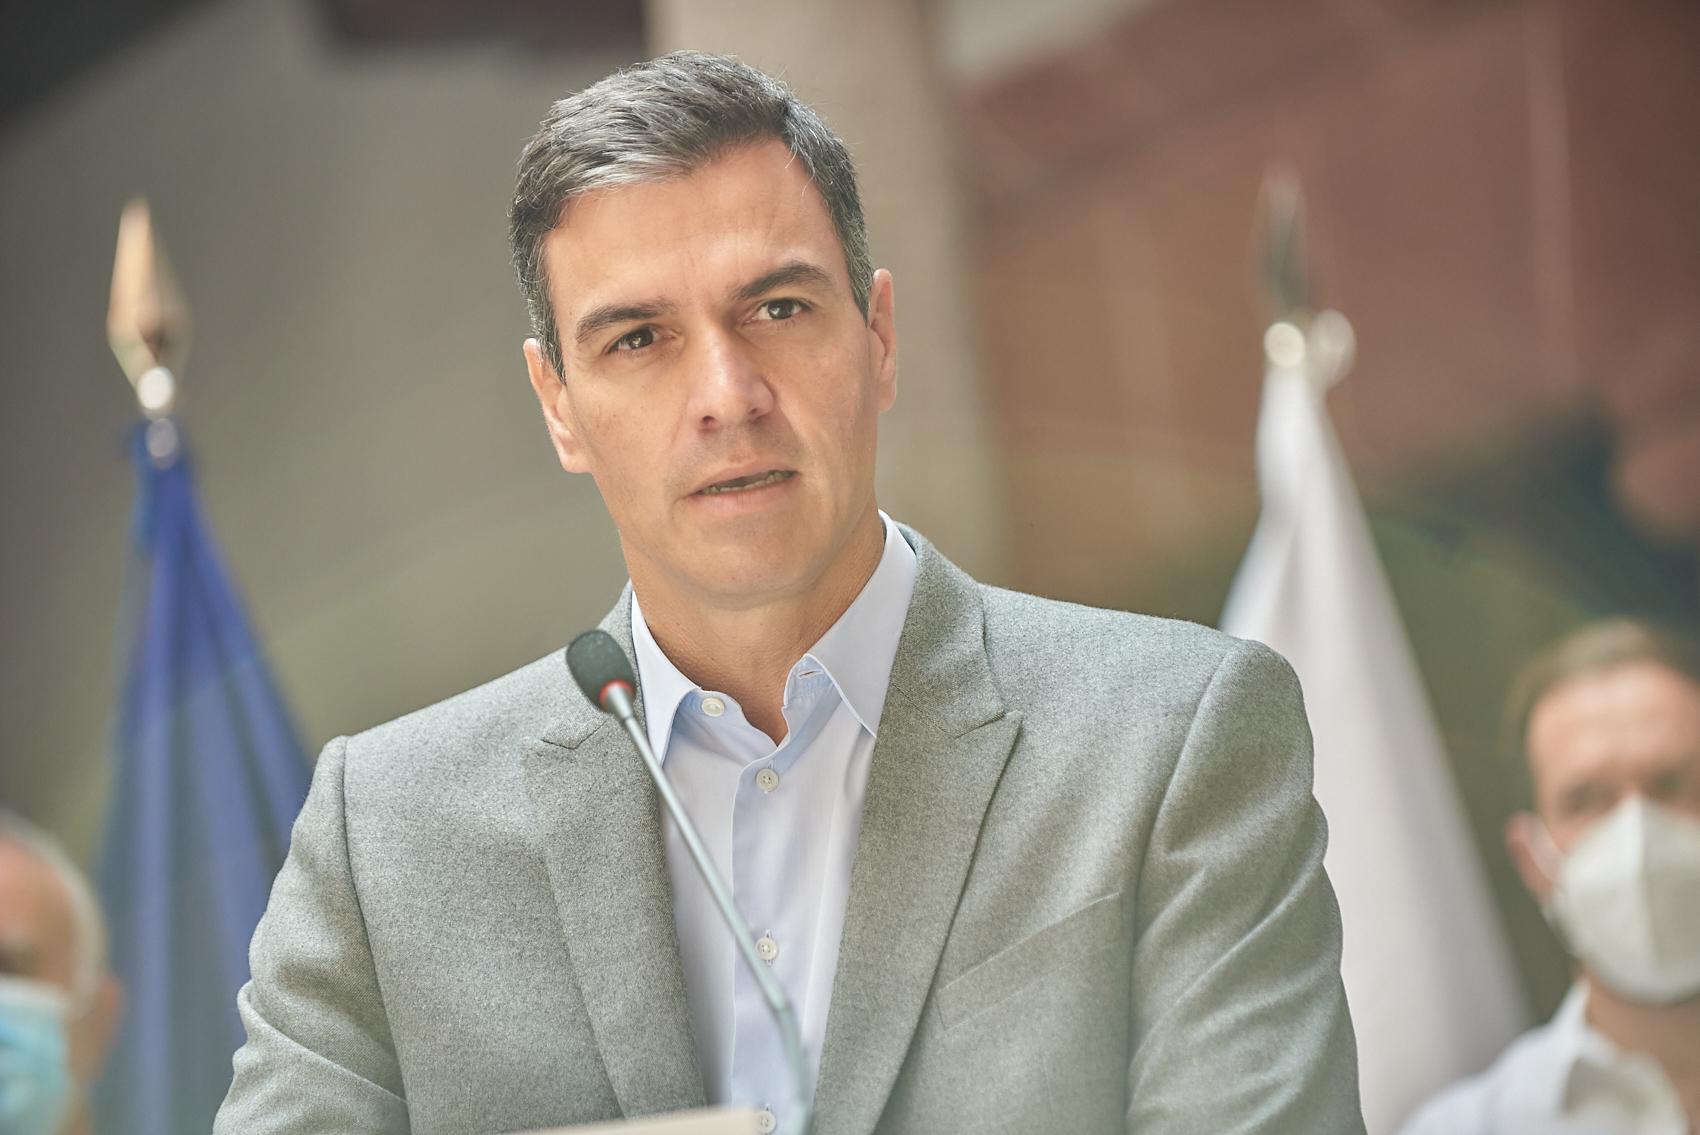 El presidente del Gobierno, Pedro Sánchez / Toni Cuadrado - Europa Press